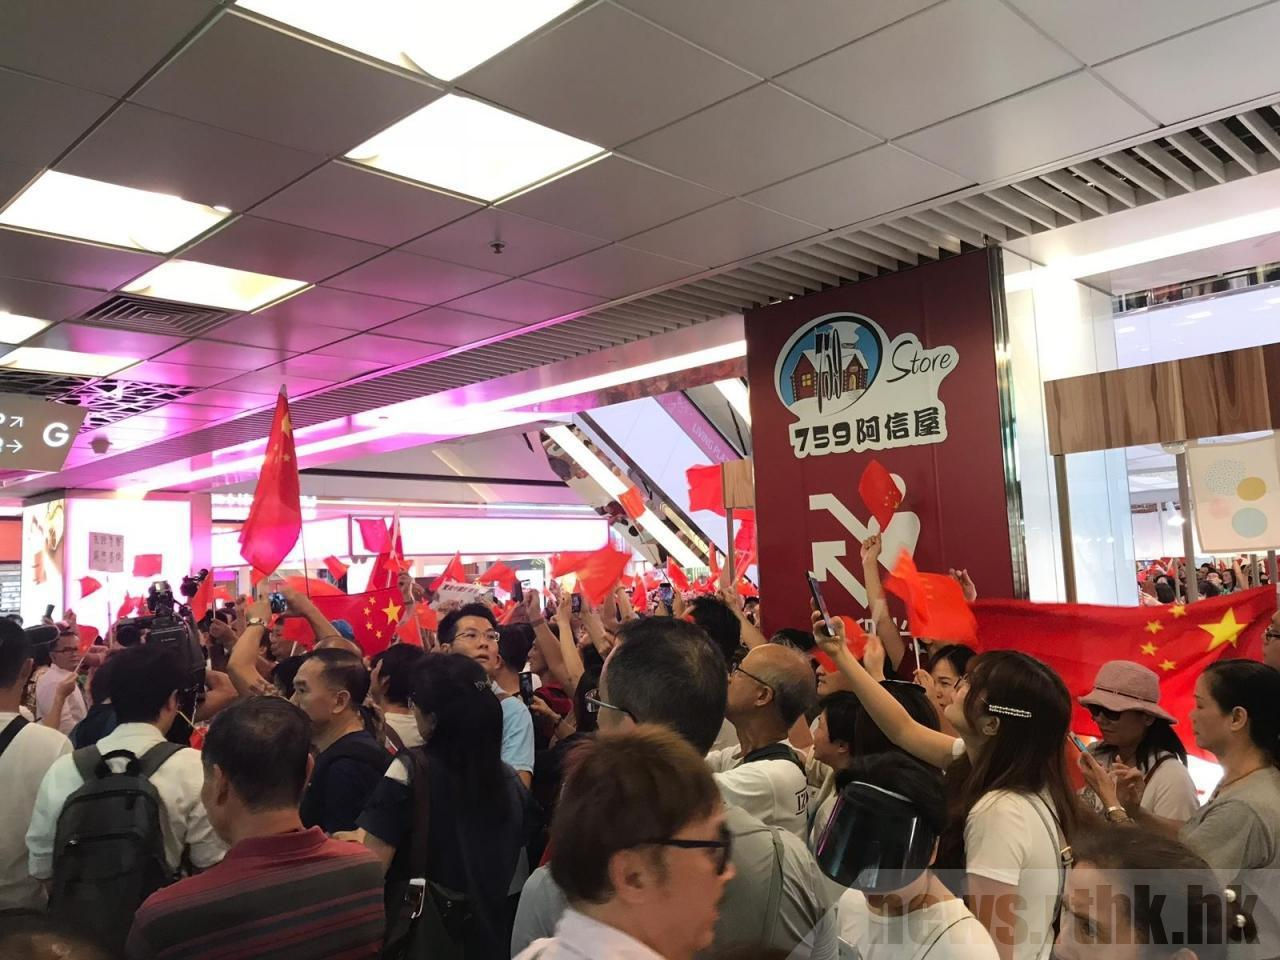 大批香港民眾占據淘大商場多個樓層,高唱大陸國歌及呼喊口號。圖:取自香港電台網站